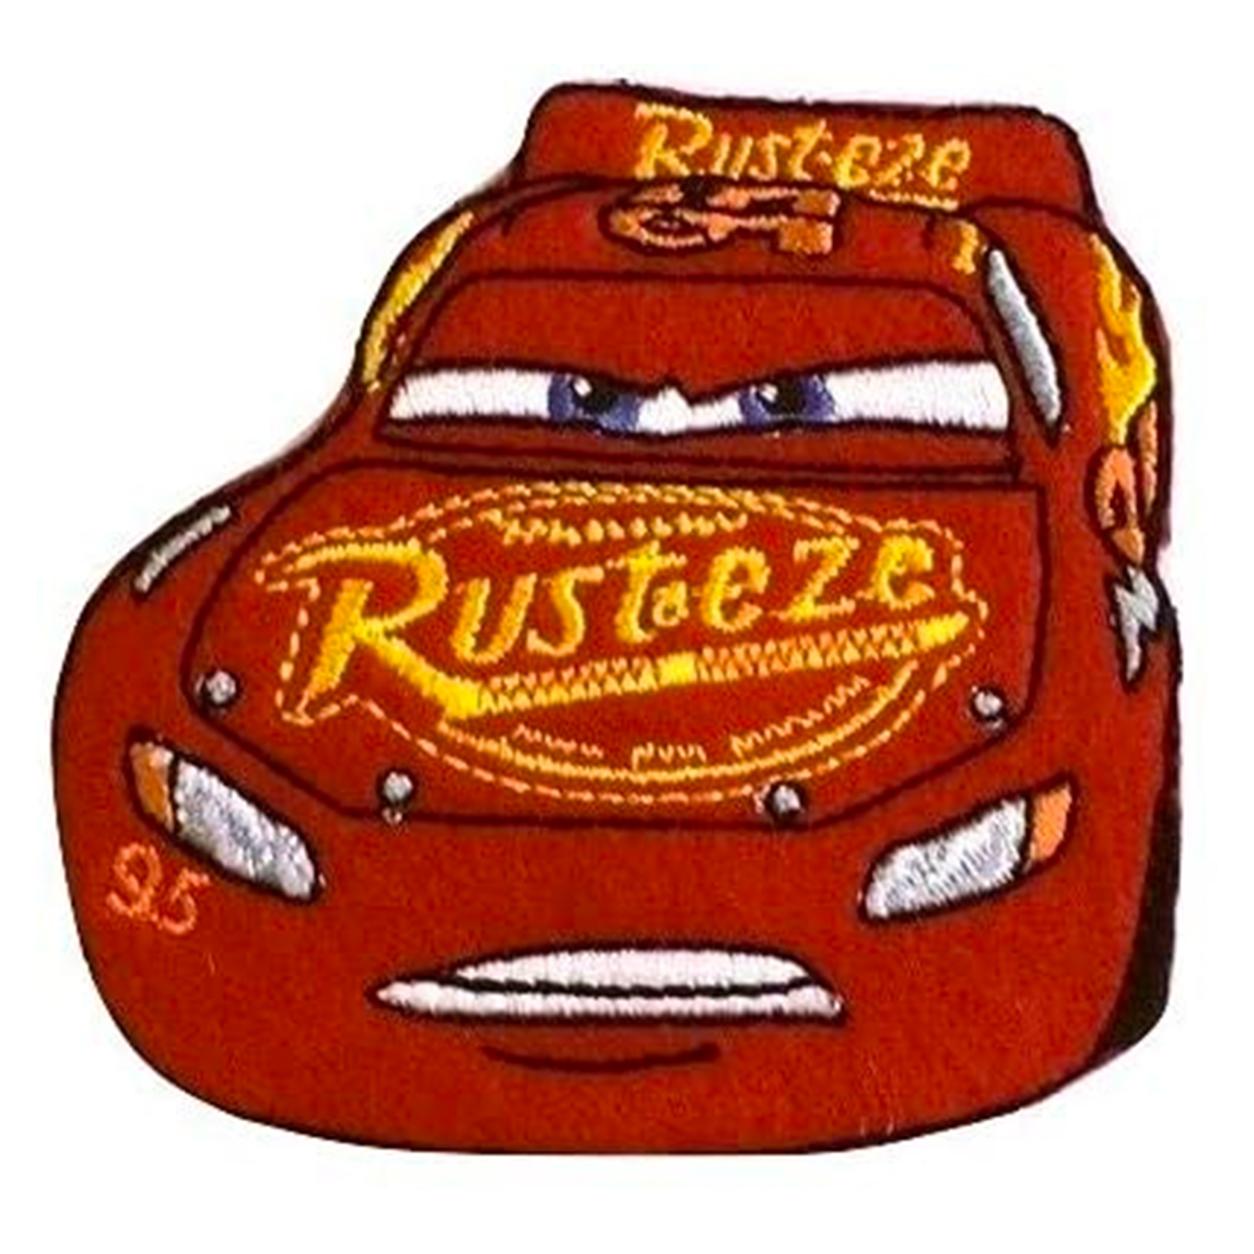 Applicazione Termoadesiva Disney Cars Saetta Mc Queen Rust-eze